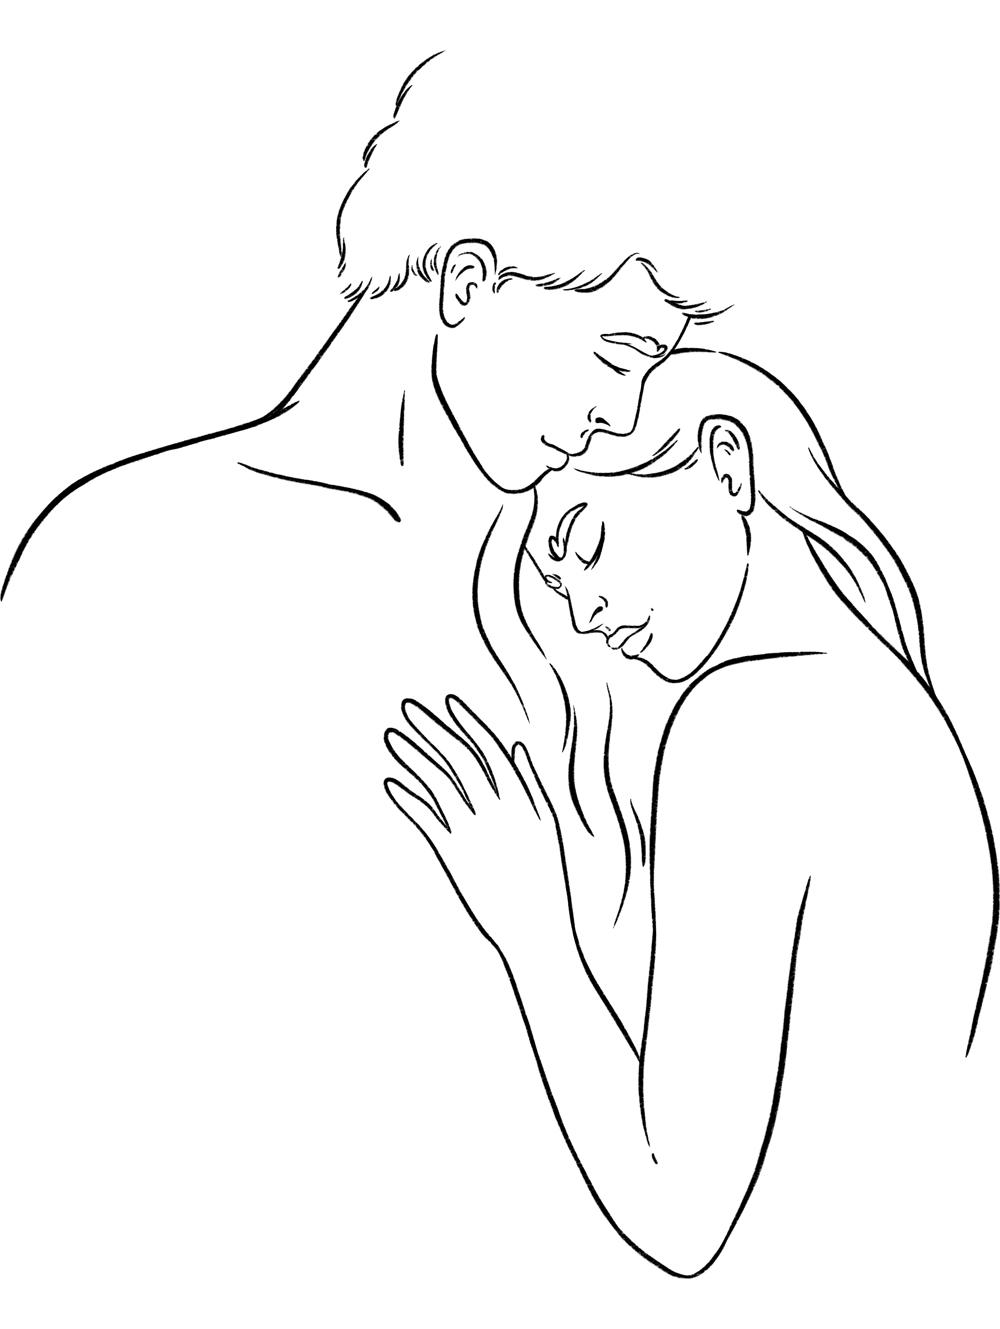 seduction techniques